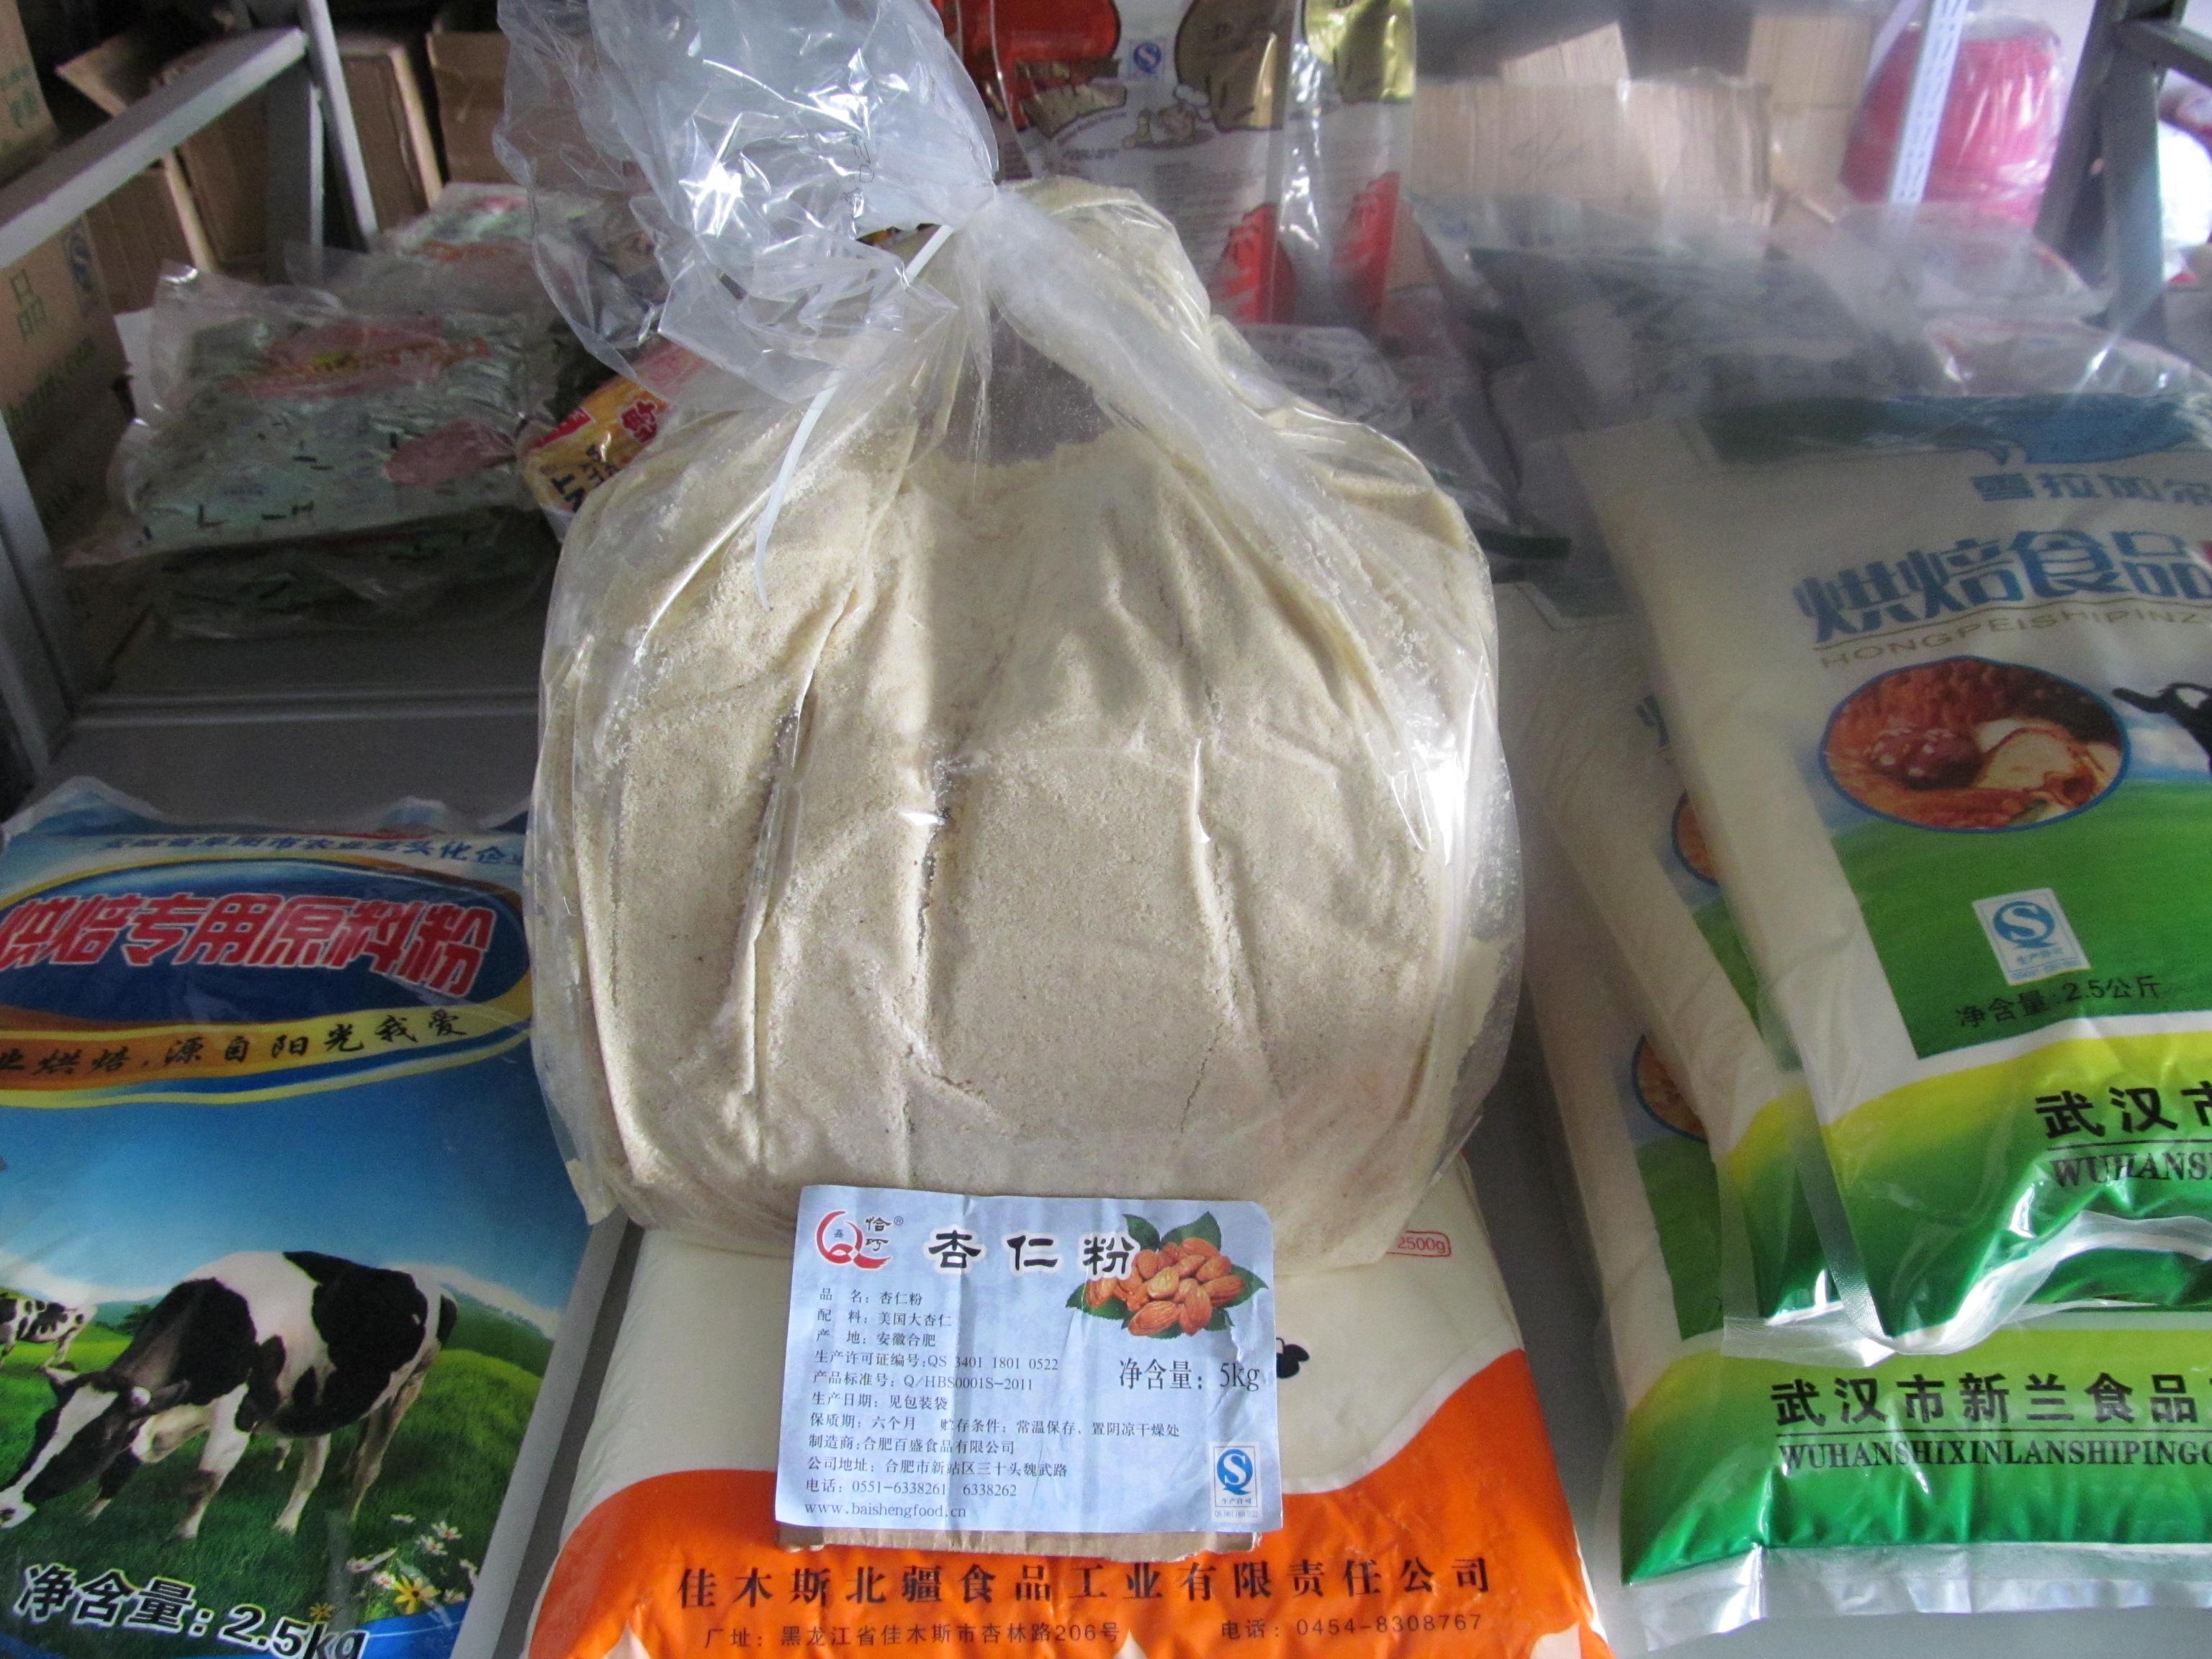 啪啪棒面包改良剂